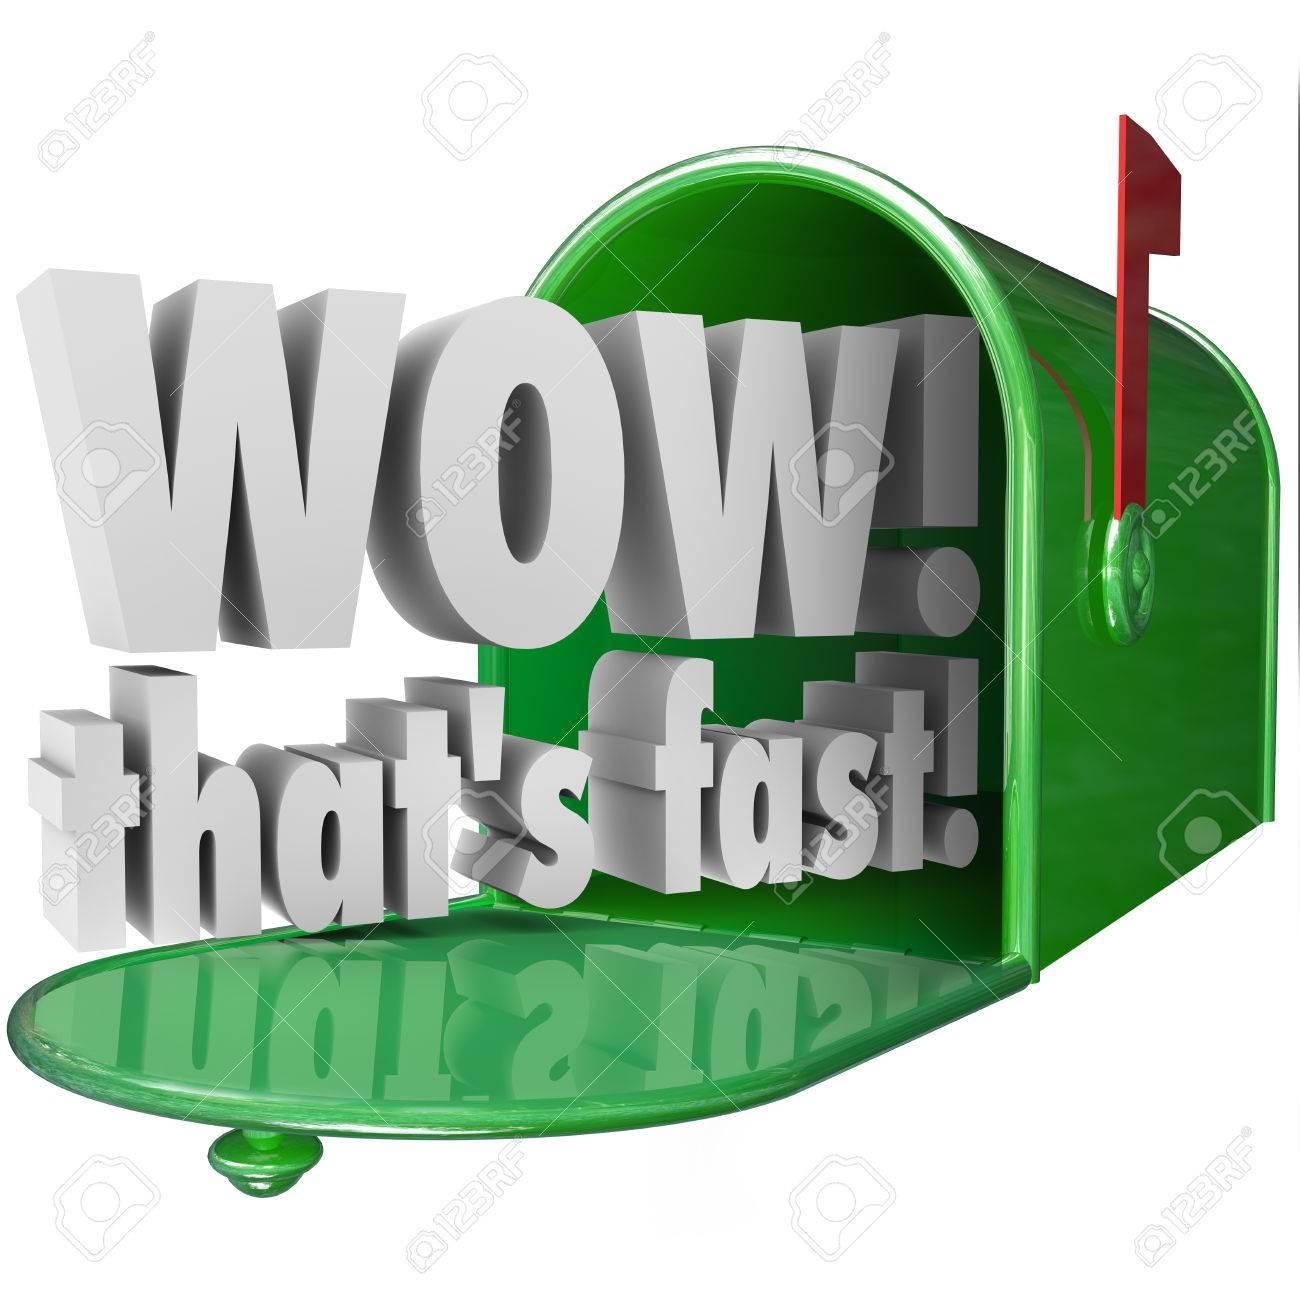 Wow eso es palabras 3d rápidos en un buzón de correo electrónico para  ilustrar expreso apresurada rápida o rápida o servicio de entrega de su  paquete